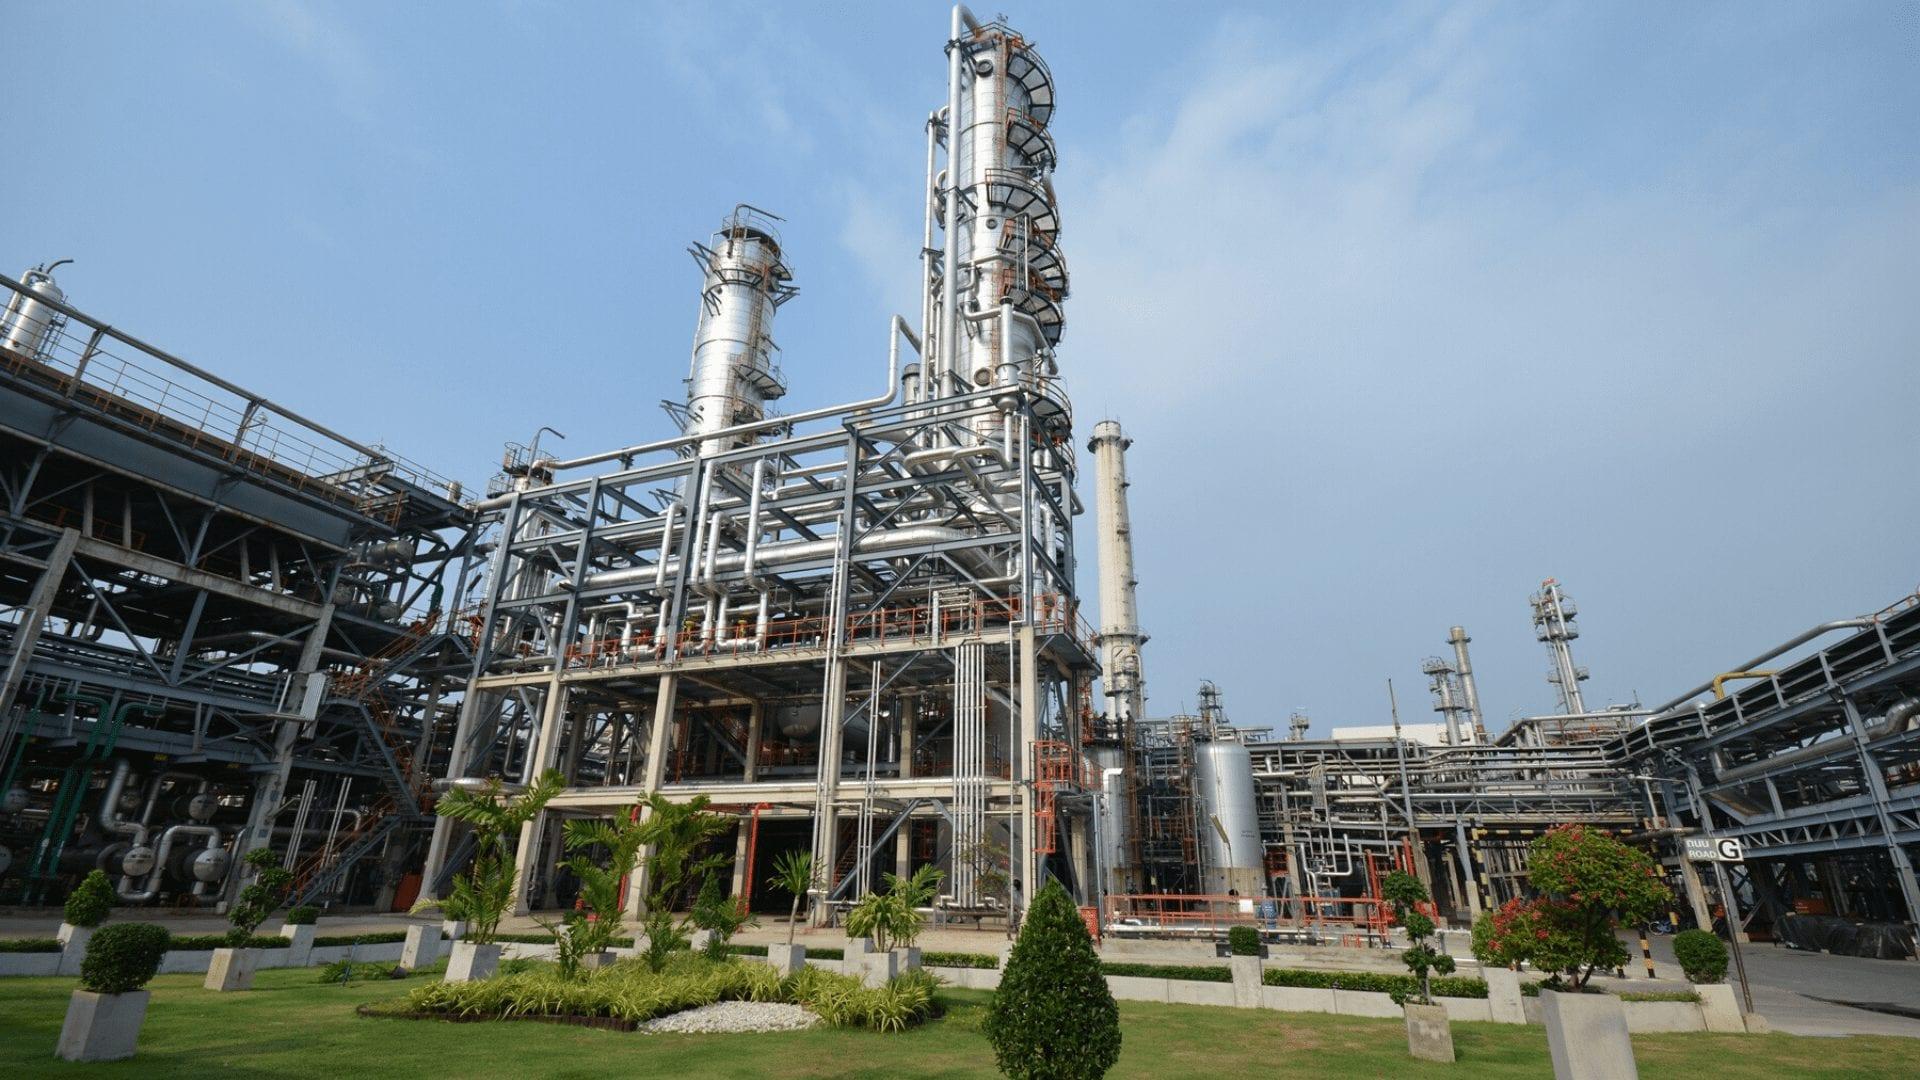 The Bangchak Petroleum